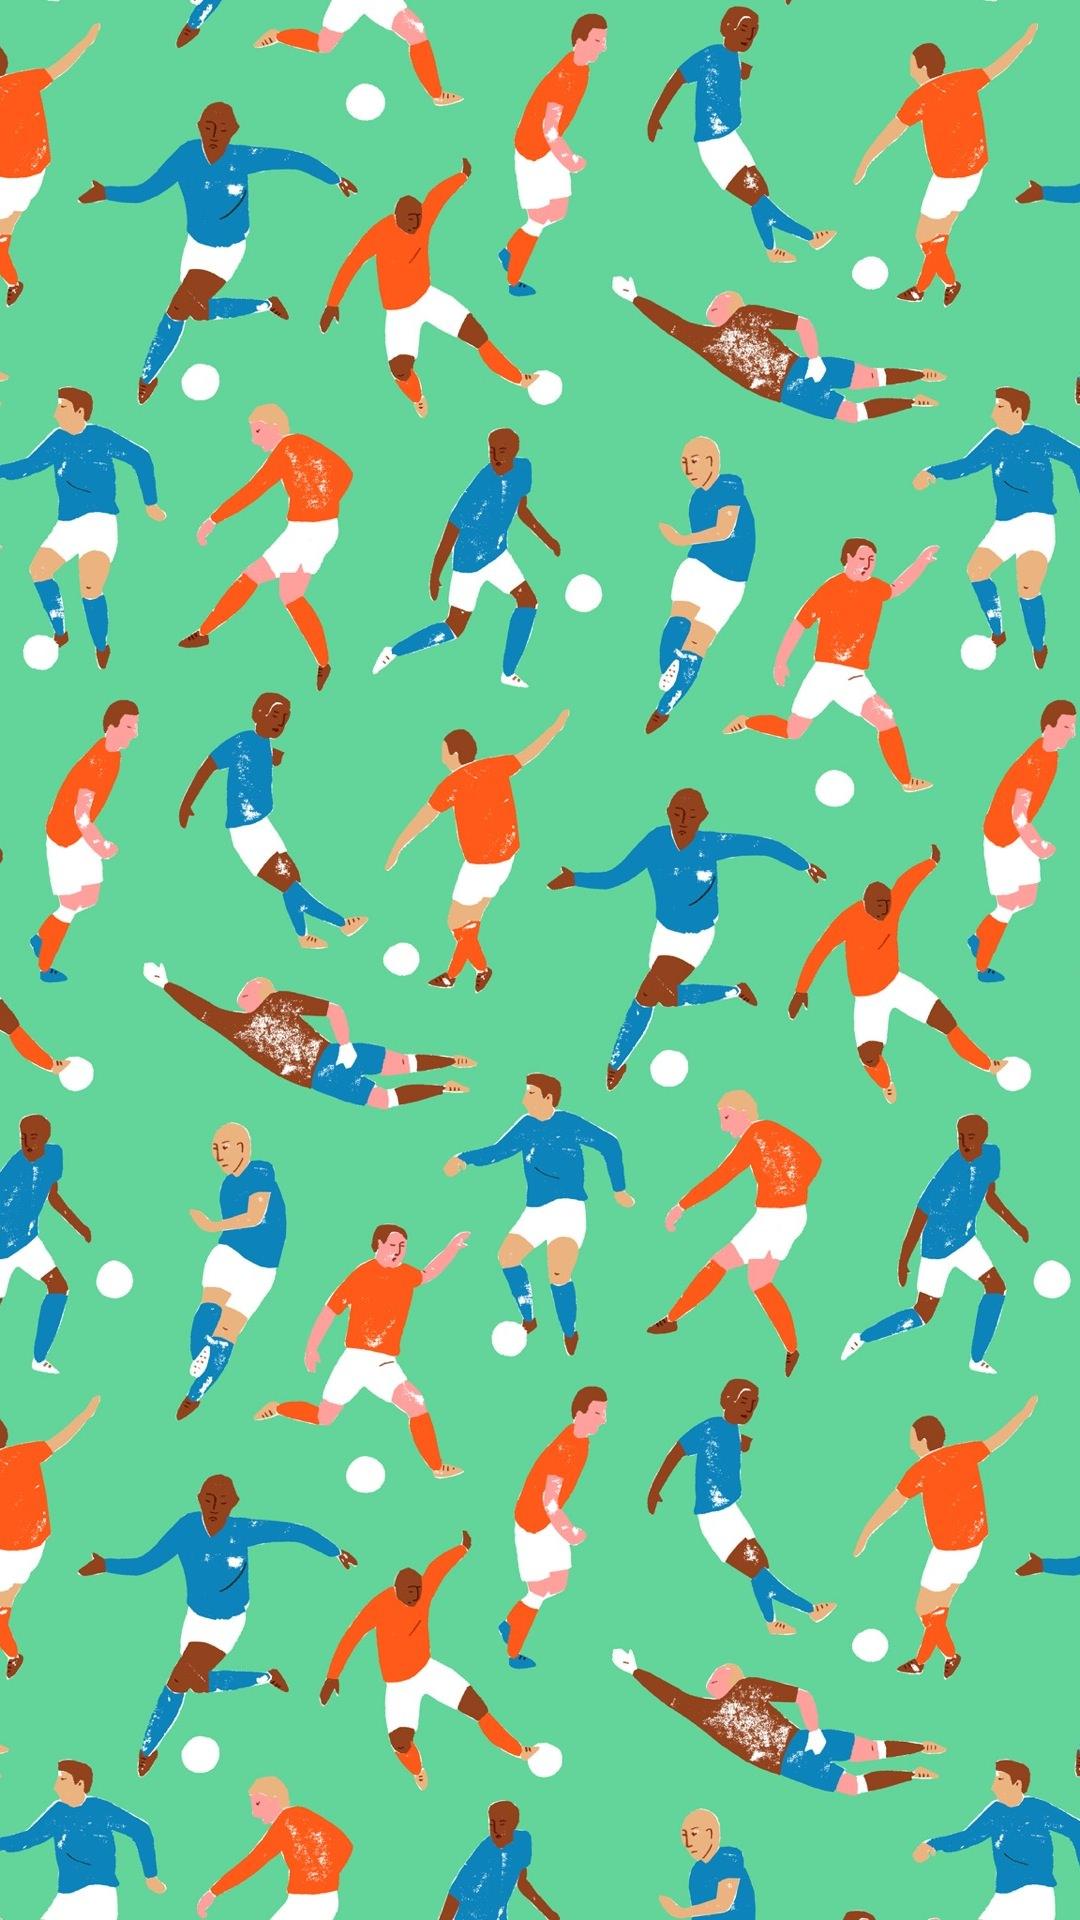 Download 77 Wallpaper Pemandangan Olahraga Gratis Terbaru